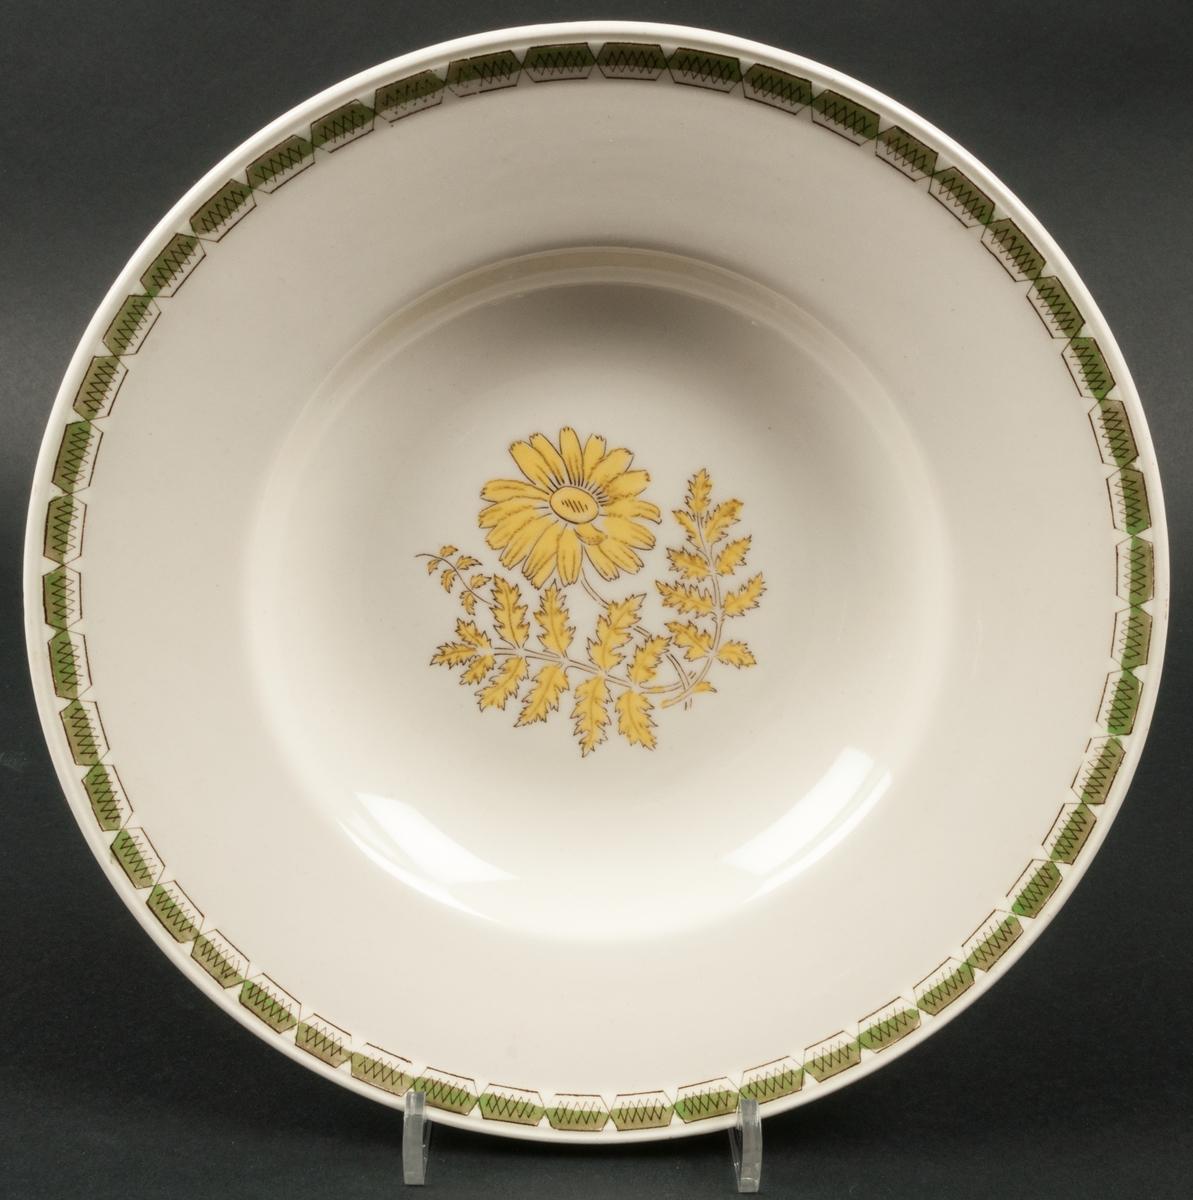 Tallrik dekor Pyretrum. Koppargravyr med lavering i gult och grönt. Dekoren föreställer en prästkrage eller liknande blomma.